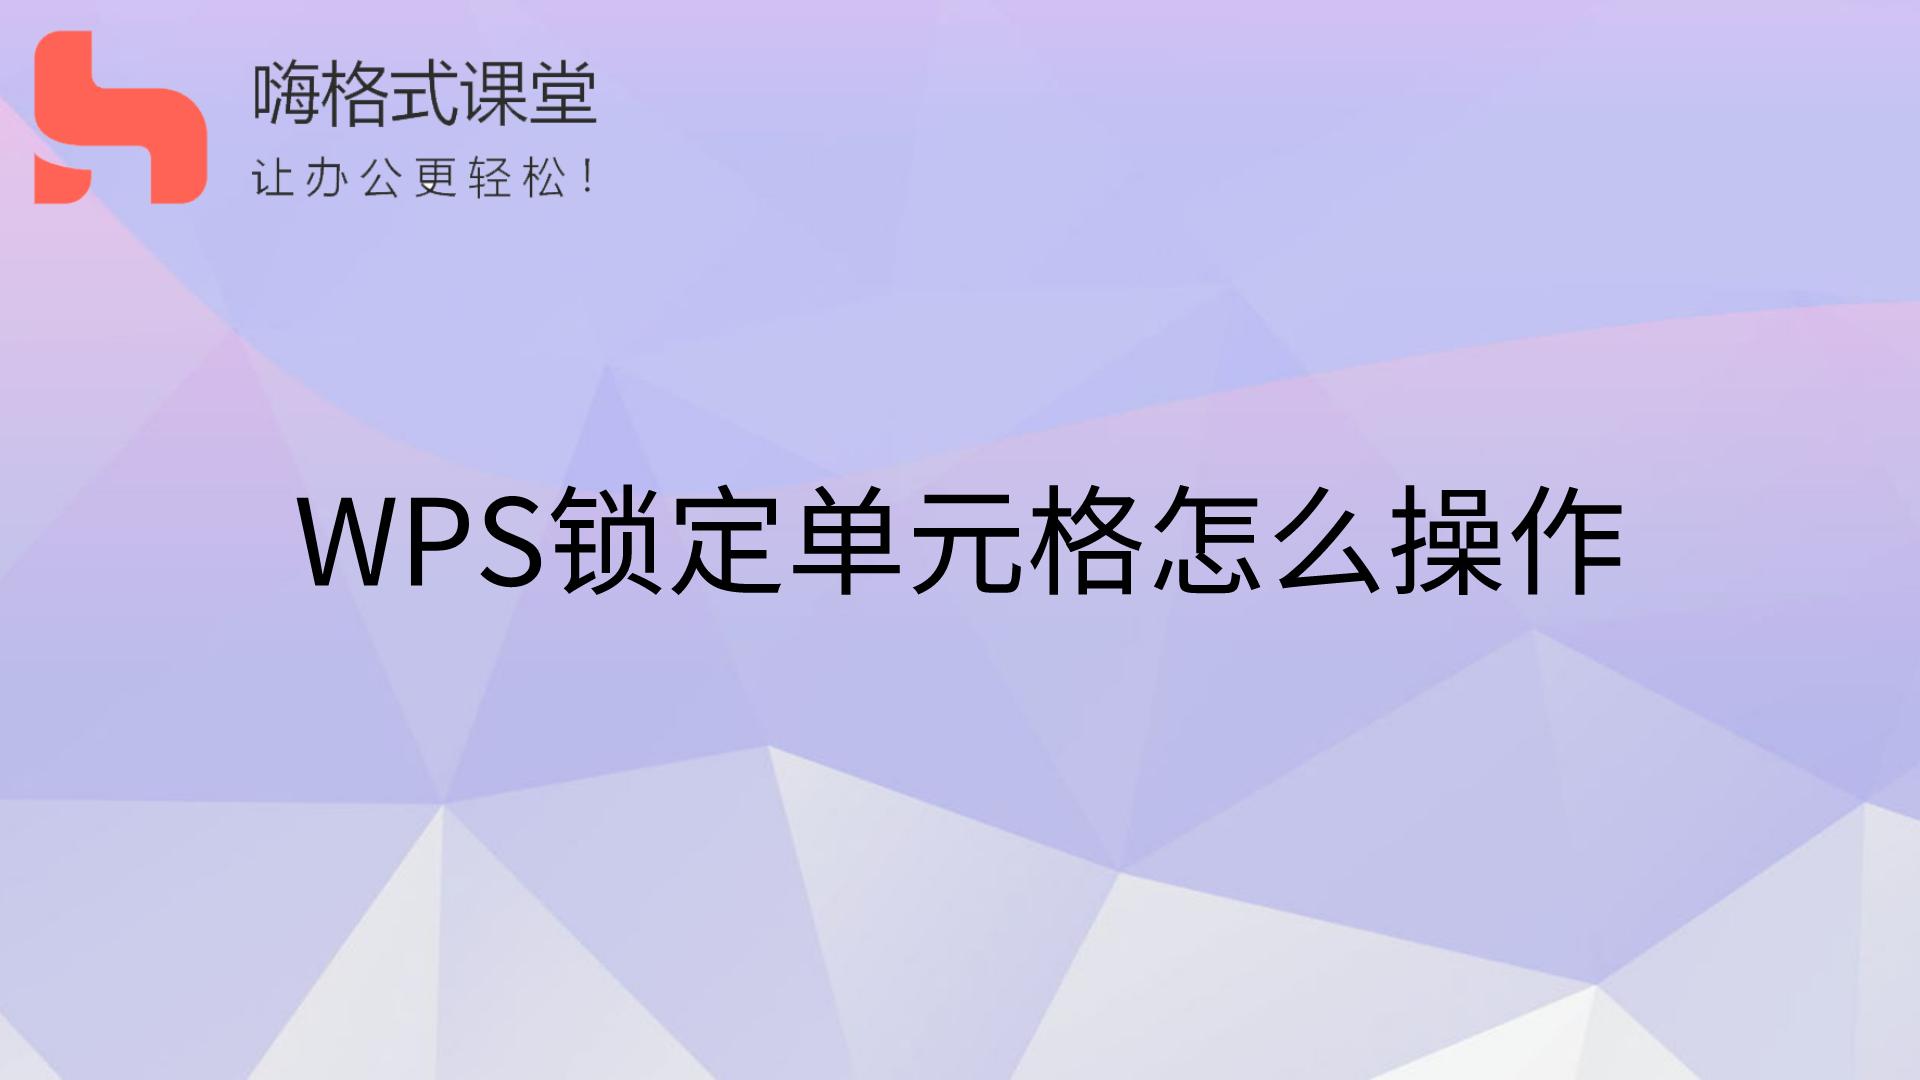 WPS锁定单元格怎么操作